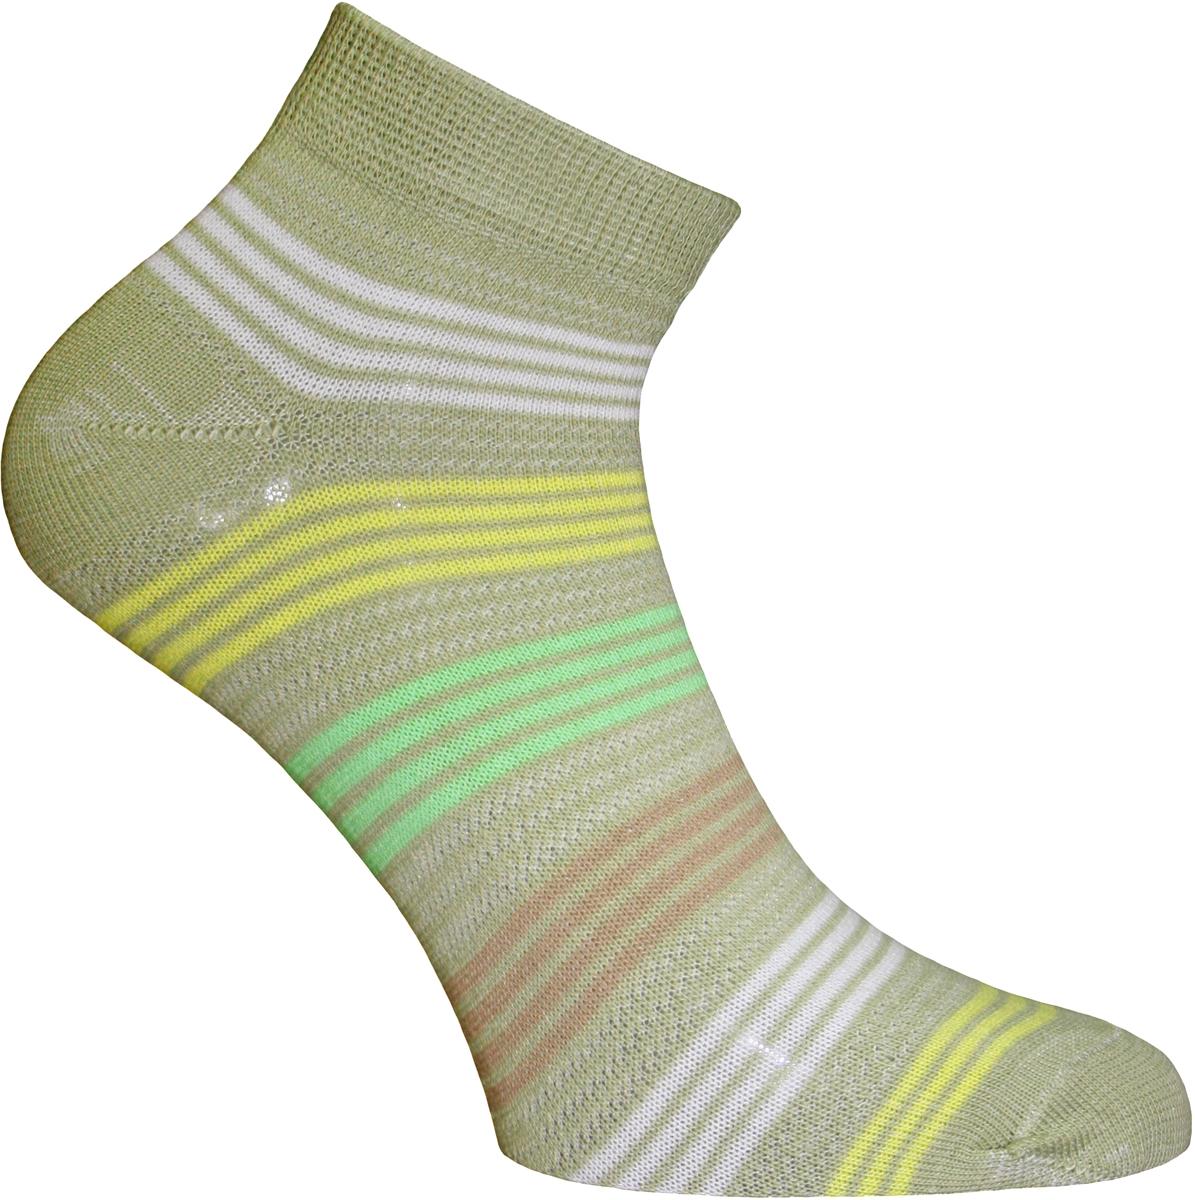 Носки женские Master Socks, цвет: оливковый. 55151. Размер 2355151Удобные носки Master Socks, изготовленные из высококачественного комбинированного материала с хлопковой основой, очень мягкие и приятные на ощупь, позволяют коже дышать.Эластичная резинка плотно облегает ногу, не сдавливая ее, обеспечивая комфорт и удобство. Носки с укороченным паголенком оформлены принтом в полоску. Практичные и комфортные носки великолепно подойдут к любой вашей обуви.